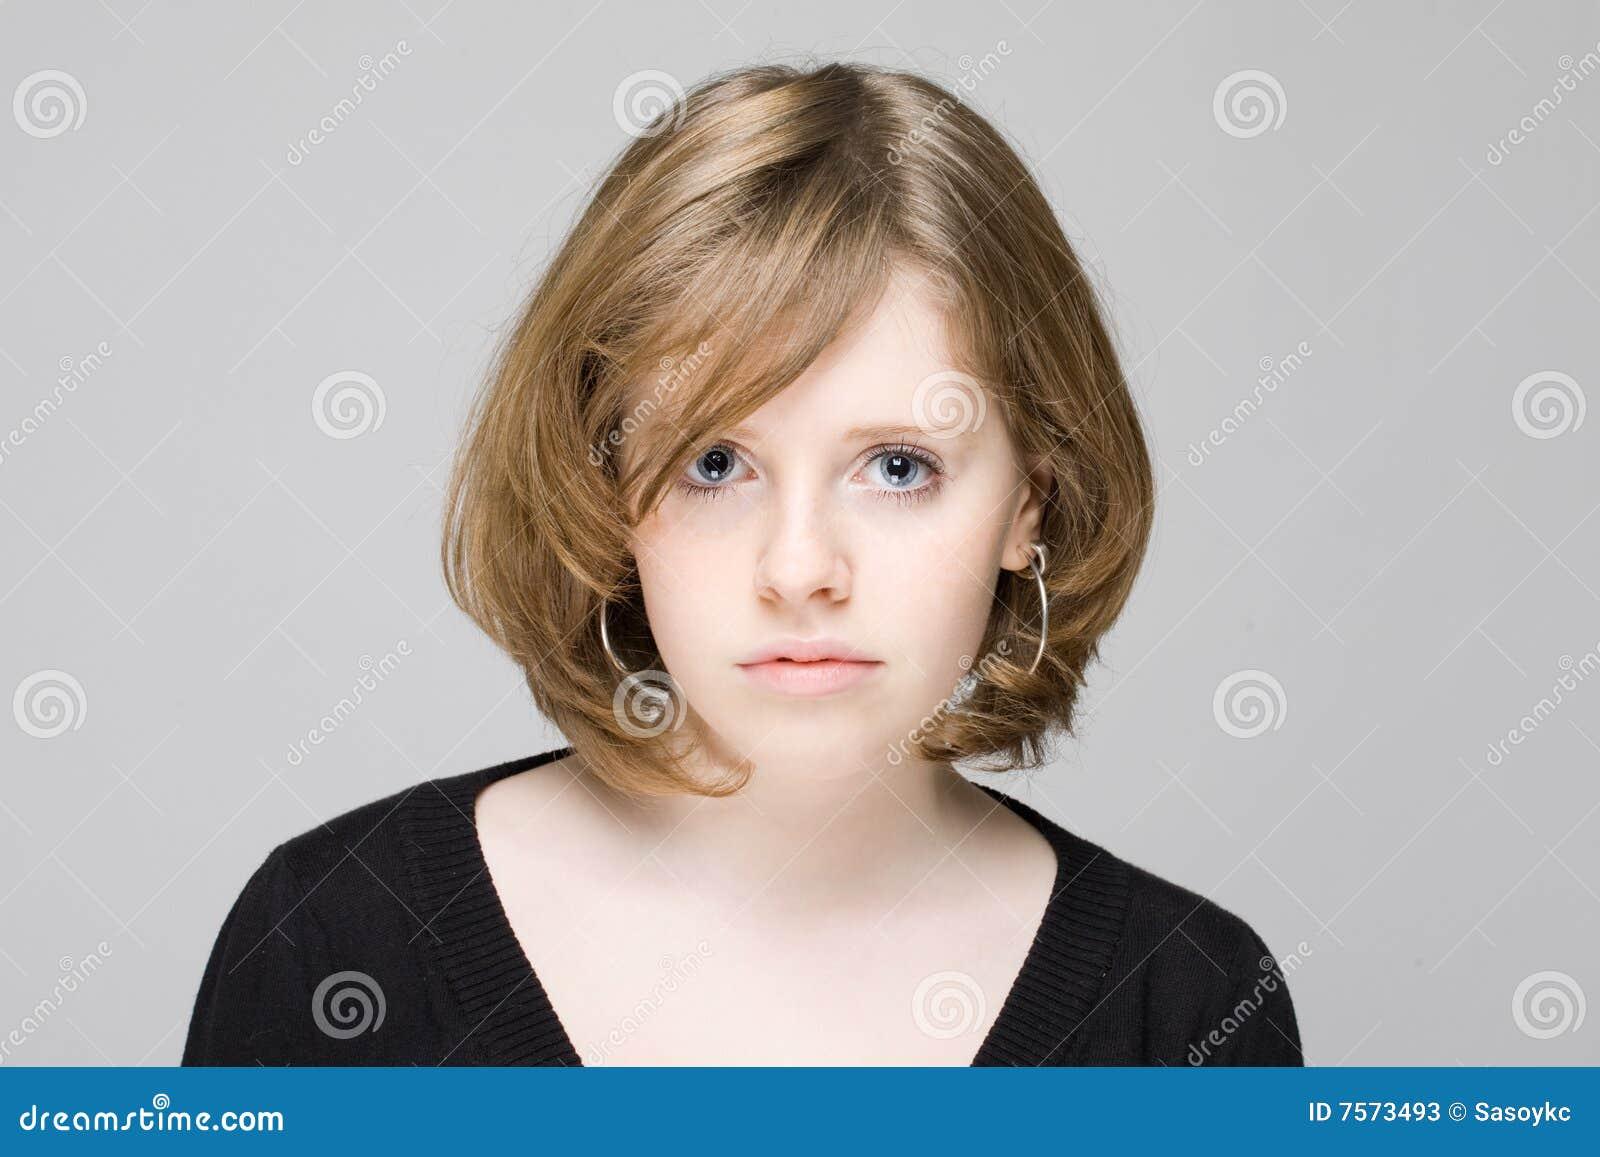 Portrait Of Beautiful Teen Model 17